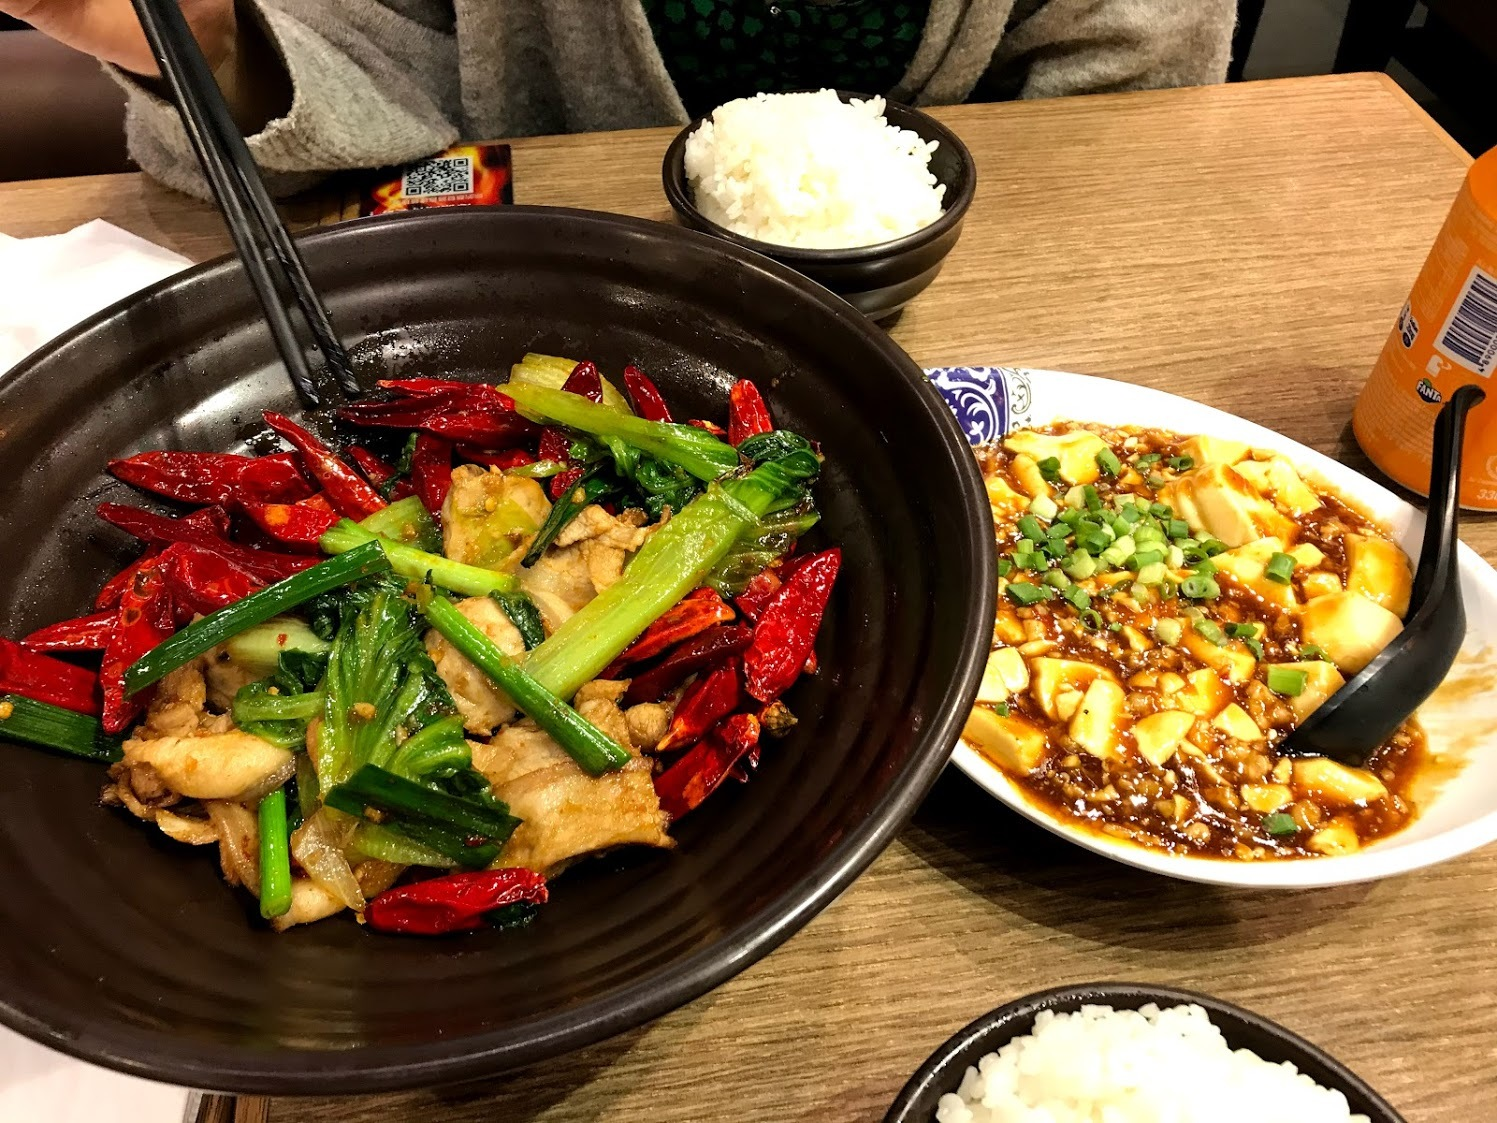 安くておいしい四川料理 | ホンコン(香港)在住シンゴさんのおすすめ料理・食べ物